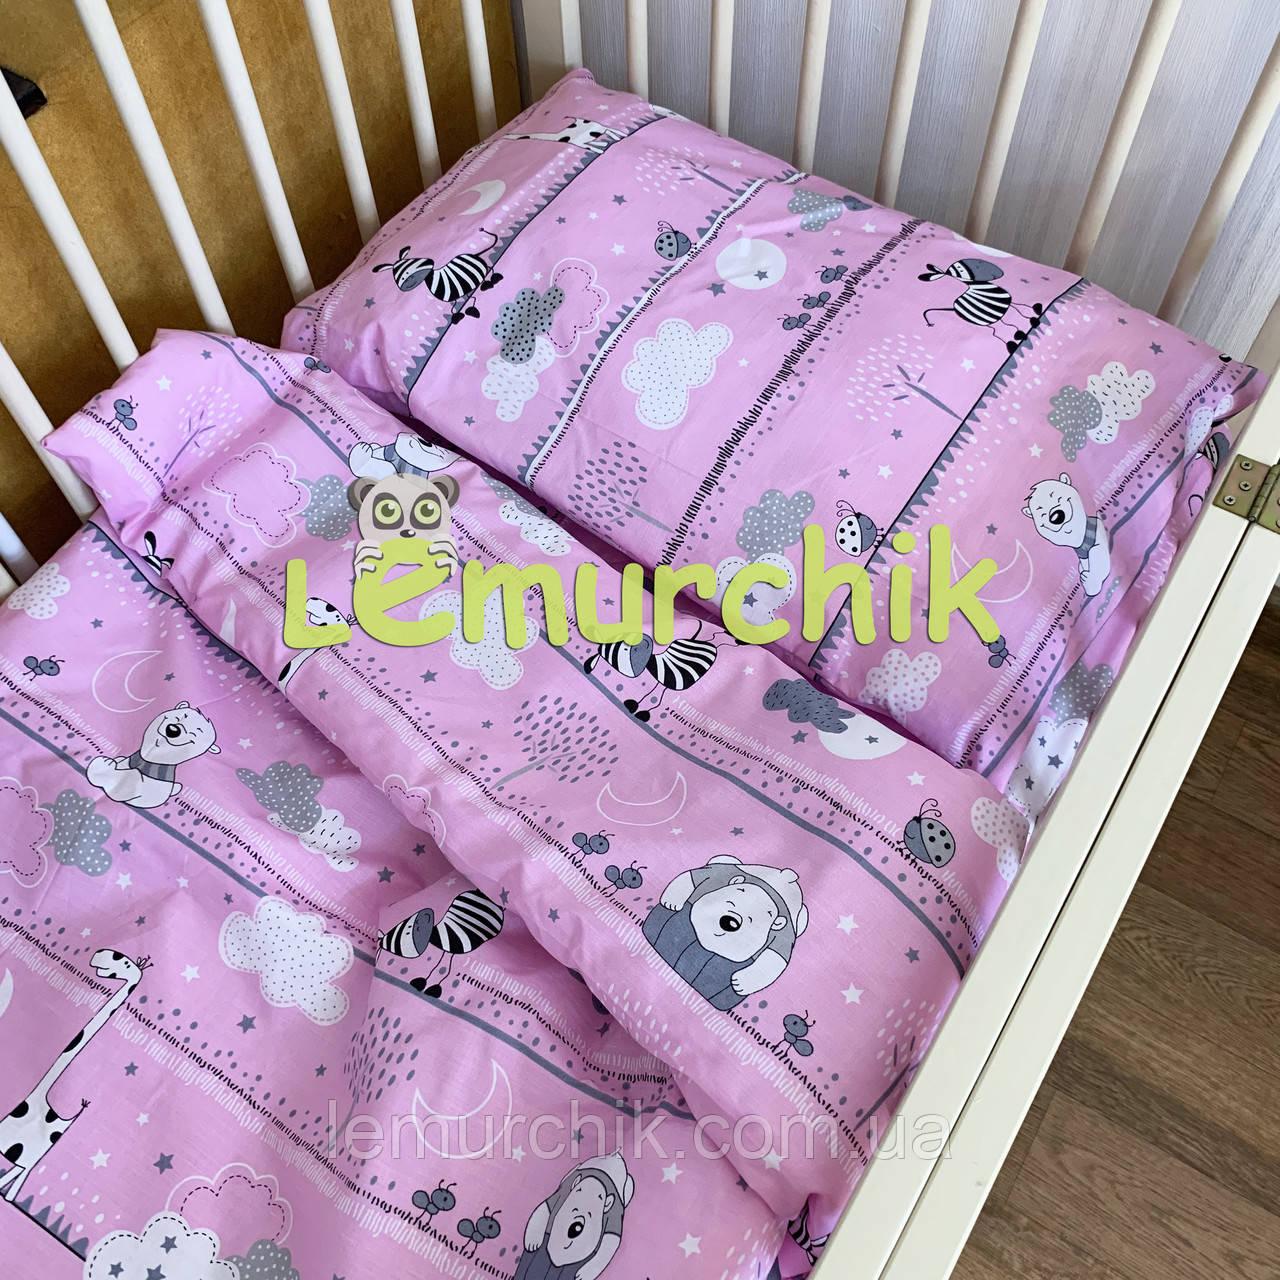 Постільний набір в дитячу ліжечко (3 предмета) Зеброчки рожеві